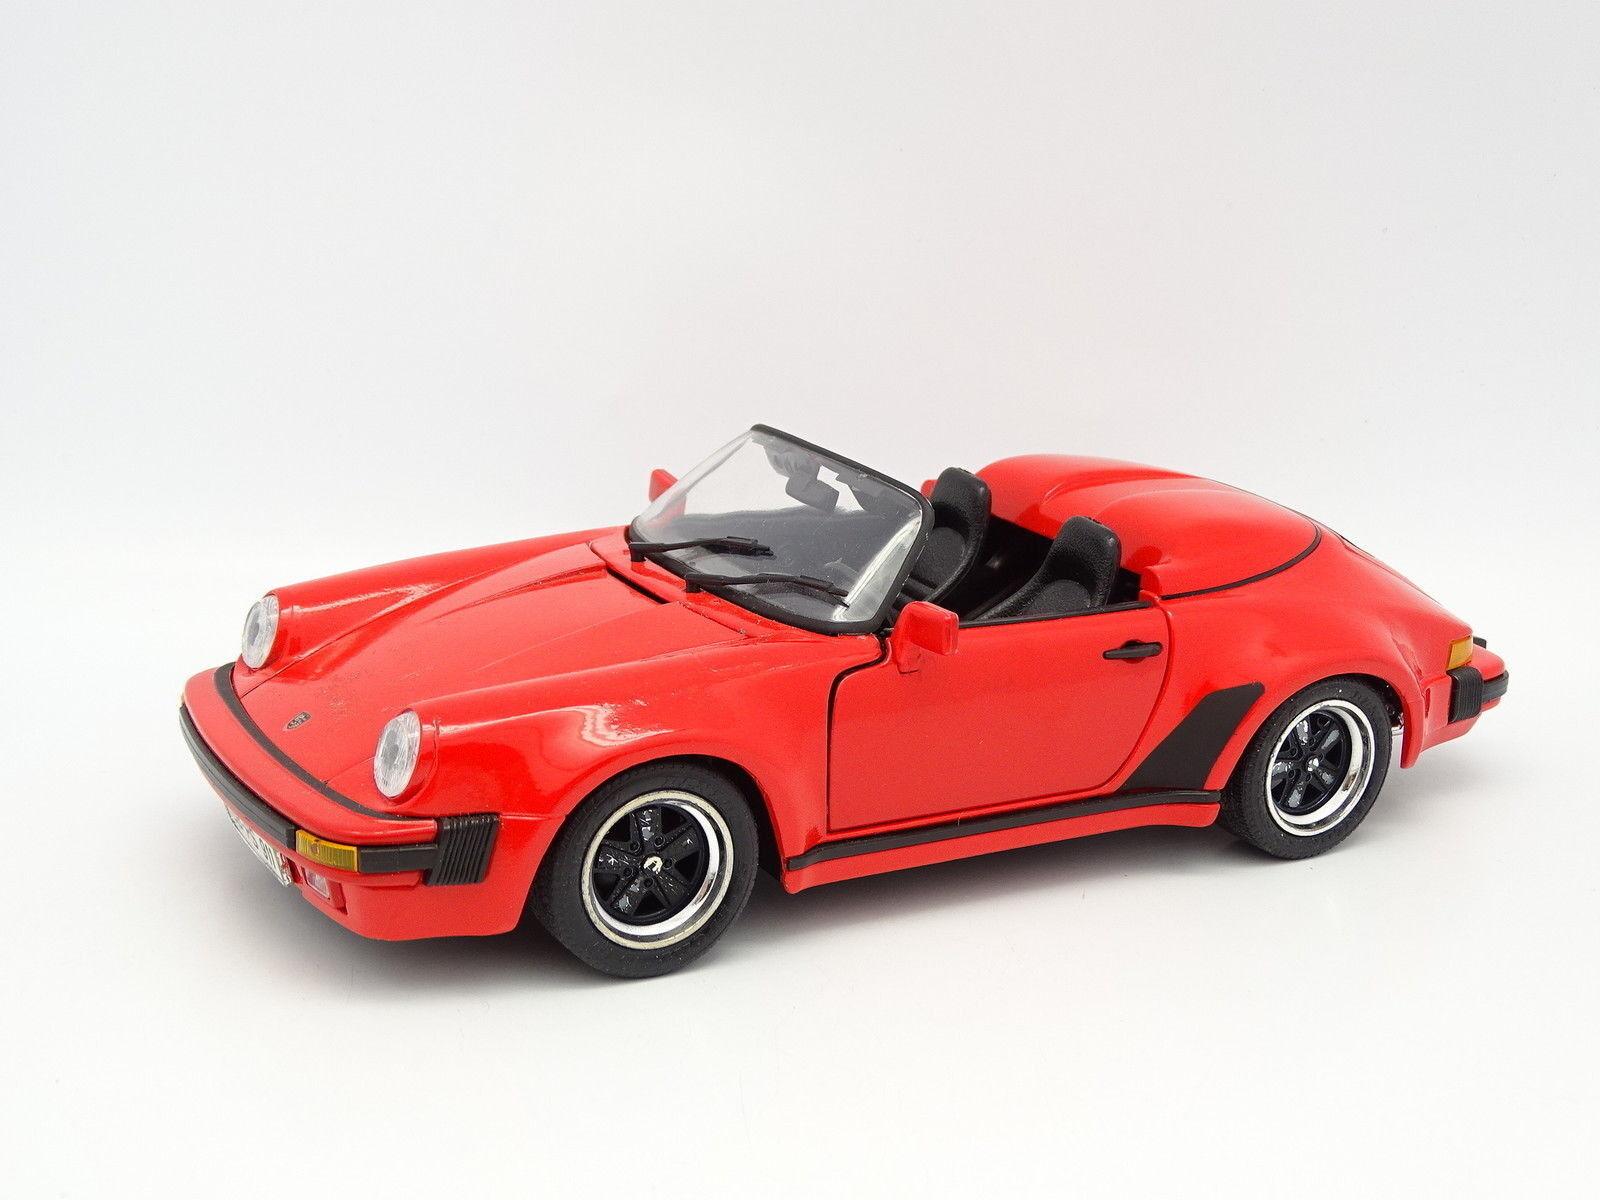 Maisto SB 1 18 - Porsche 911 Speedster 1989 red